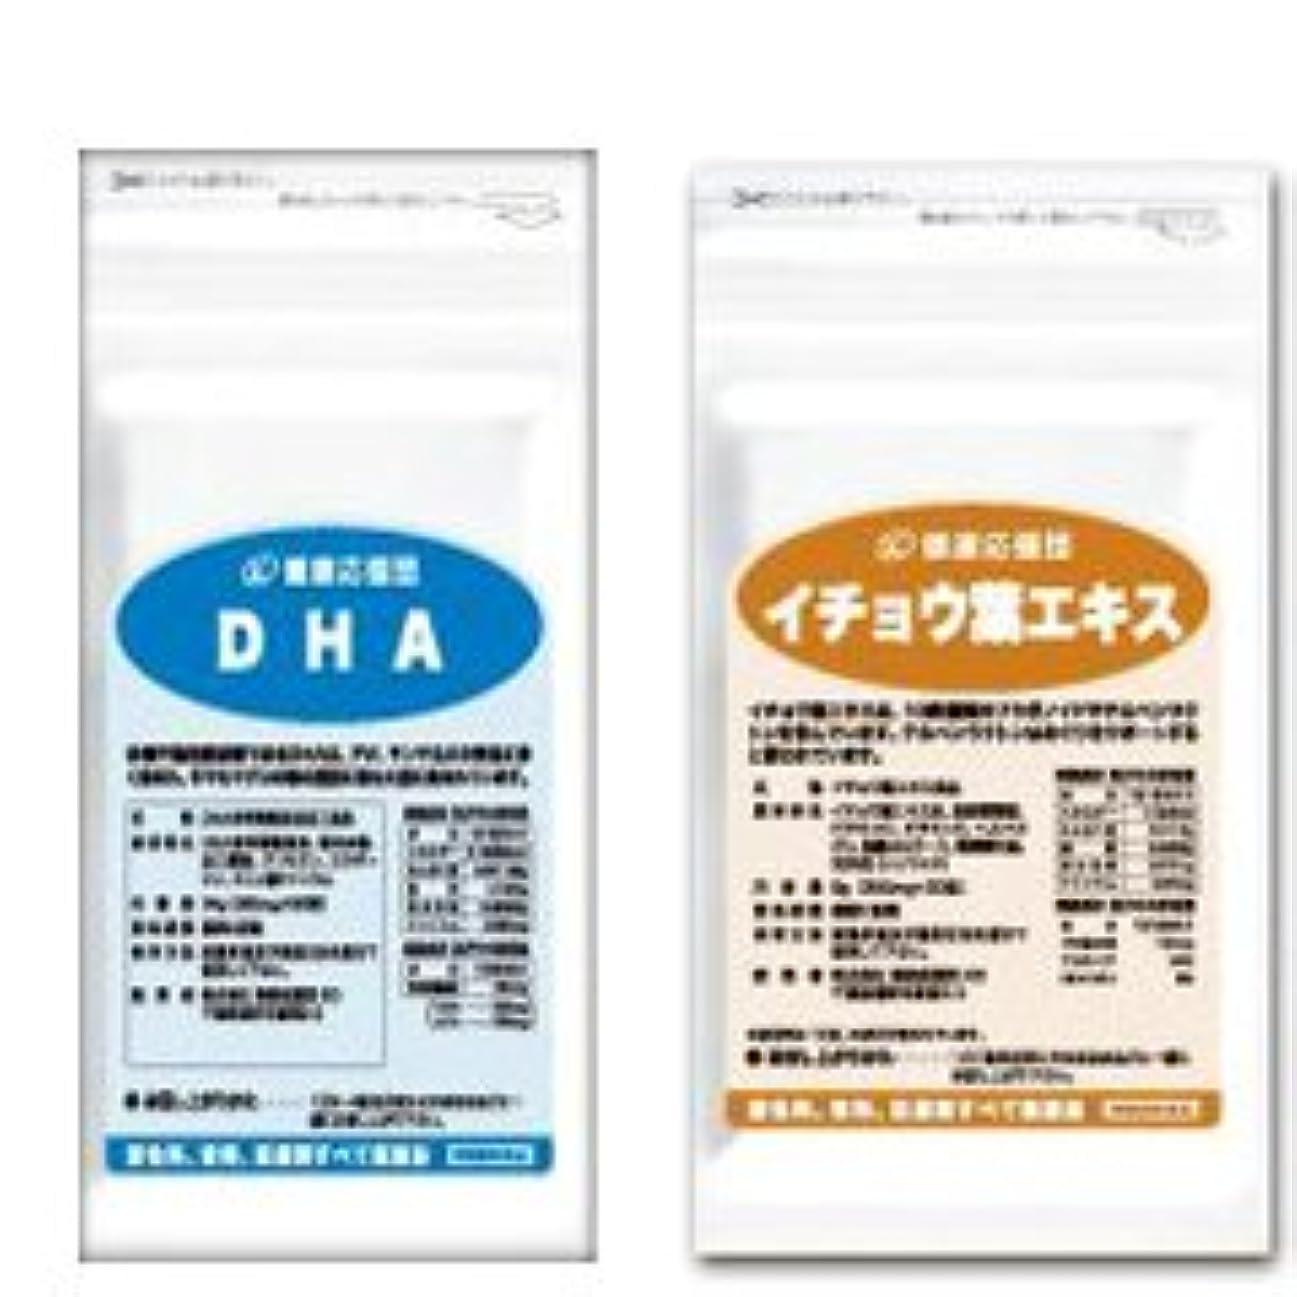 半ば悲観主義者人質(お徳用3か月分)サラサラ巡りセット DHA + イチョウ葉エキス 3袋&3袋セット(DHA?EPA?イチョウ葉?ビタミンC?ビタミンE?ビタミンP配合)